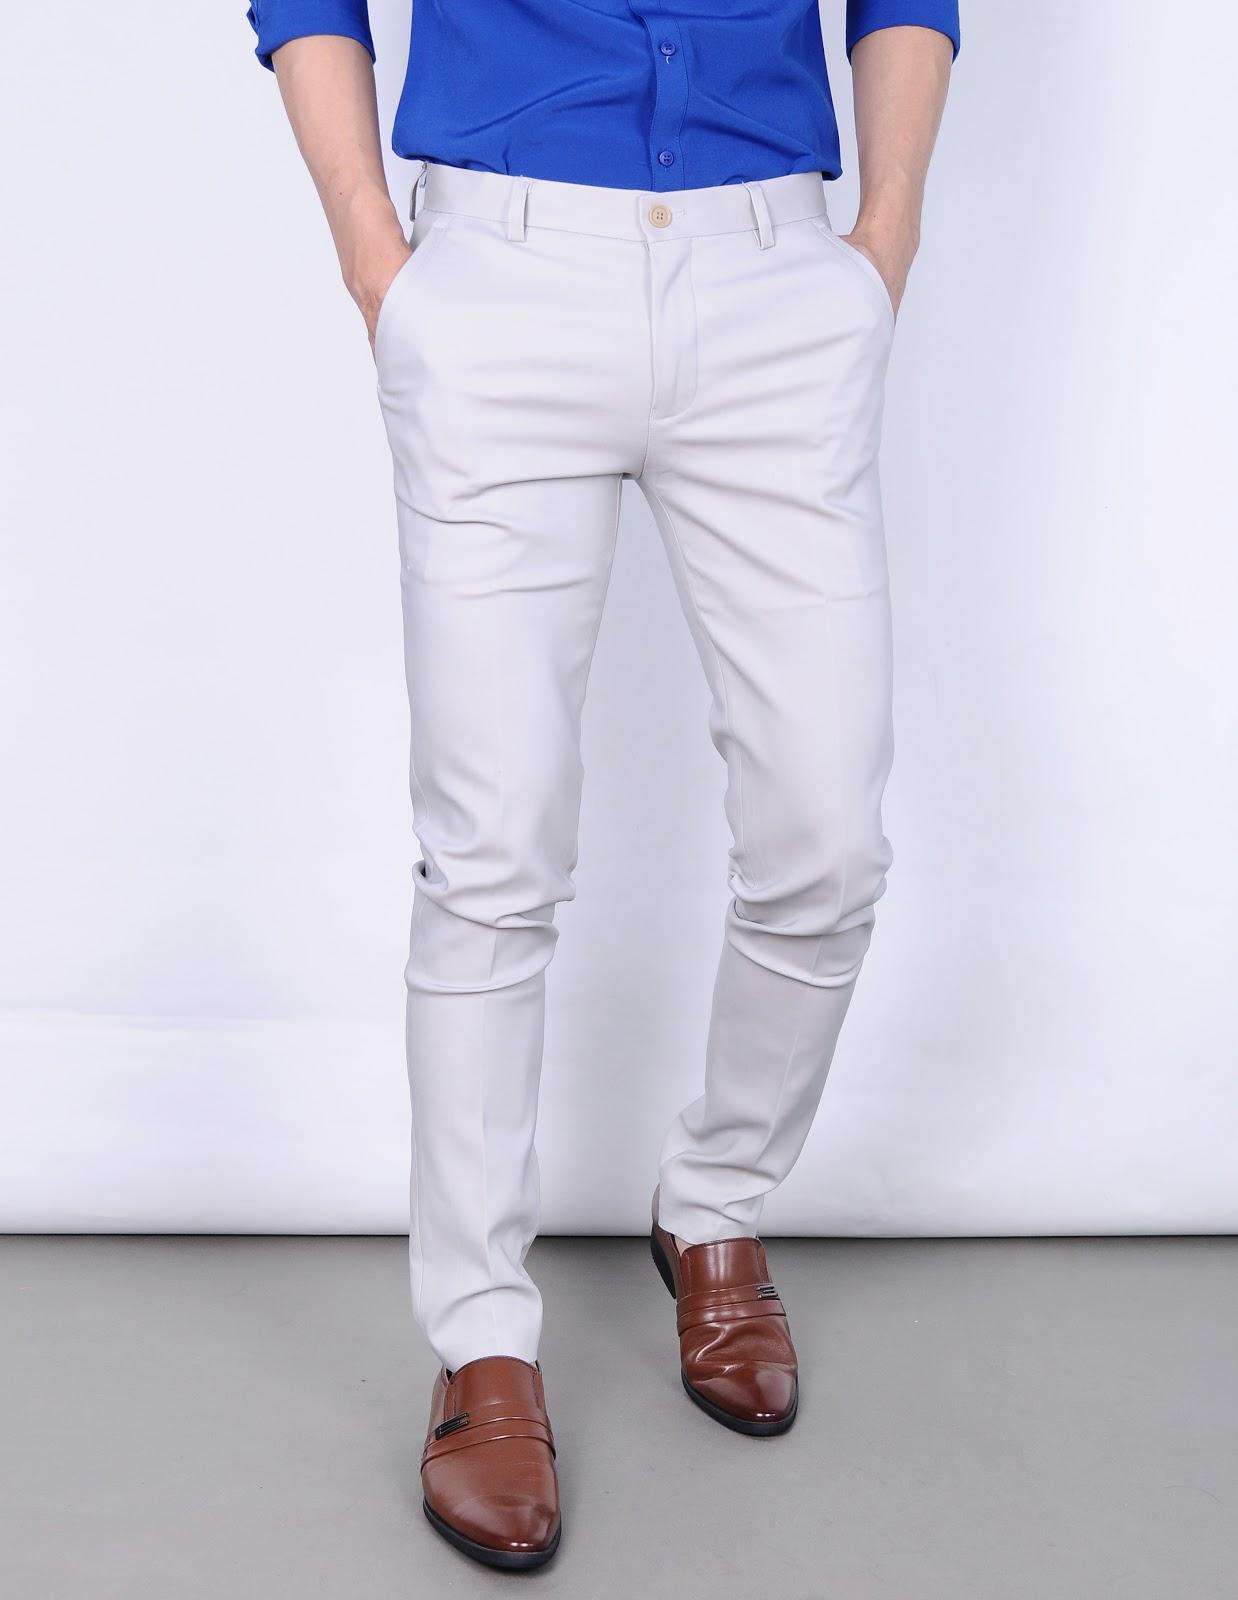 quần tay bó